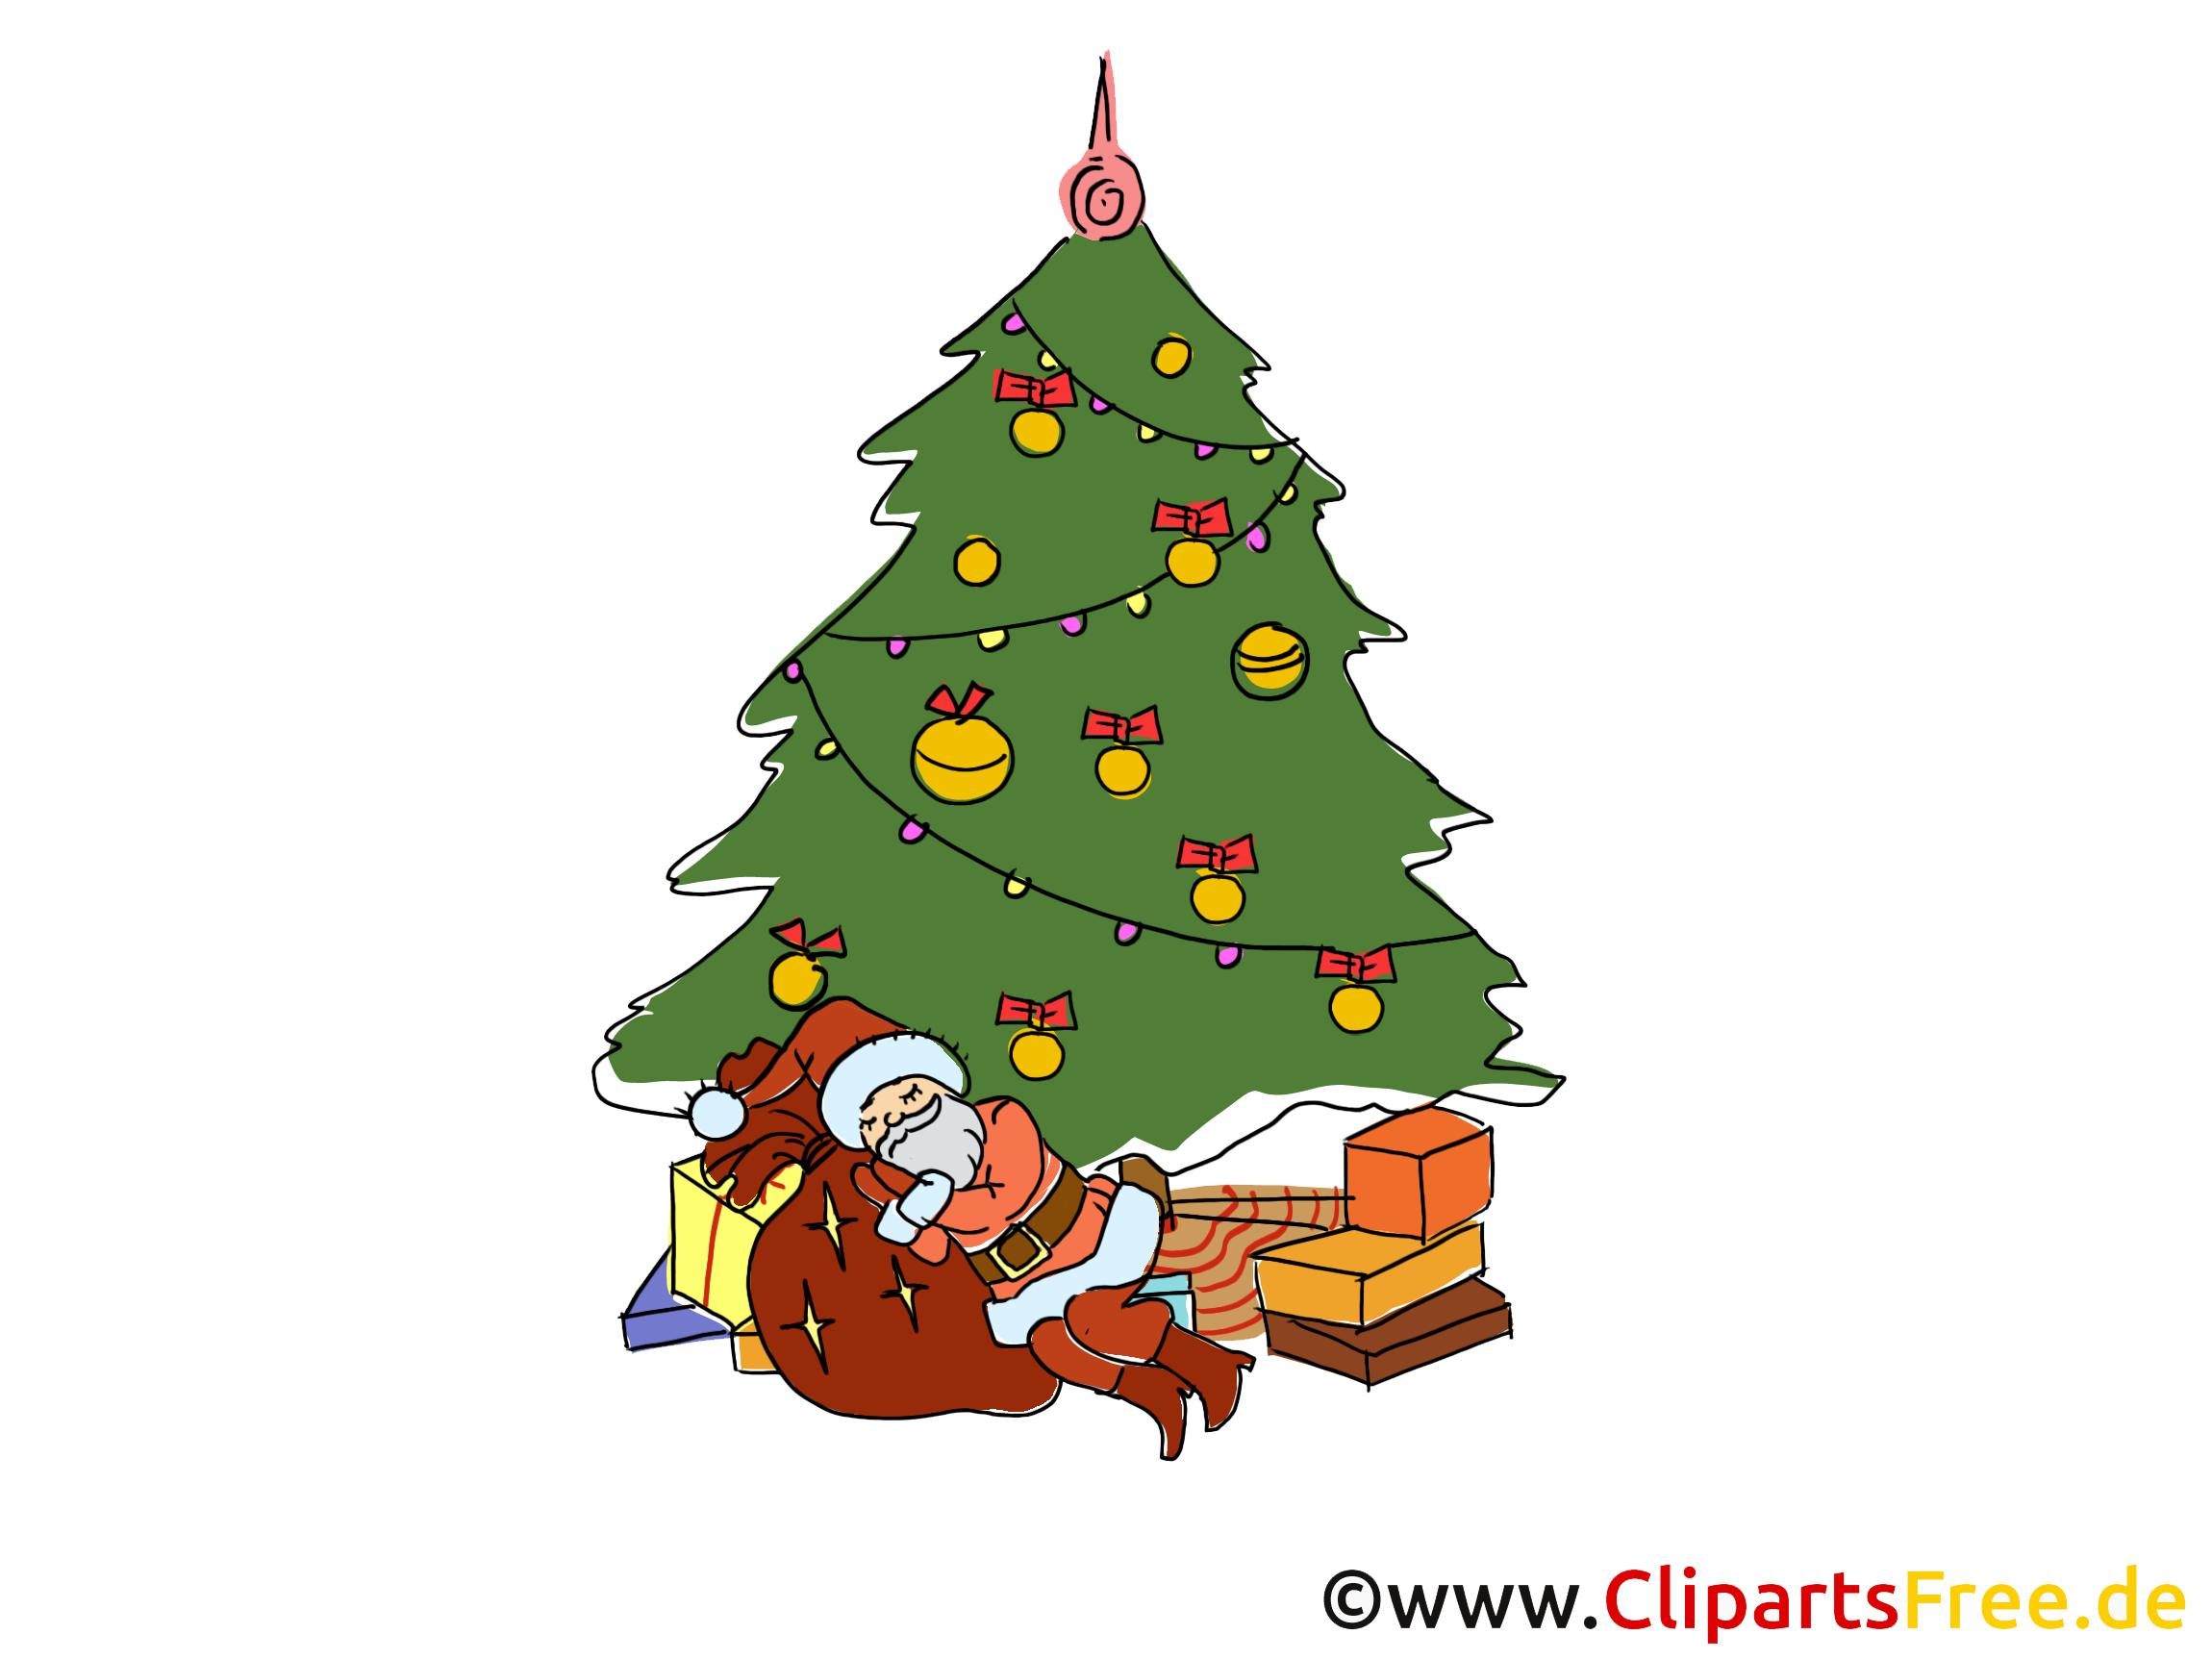 Cliparts gratuis sapin – Bonne année images